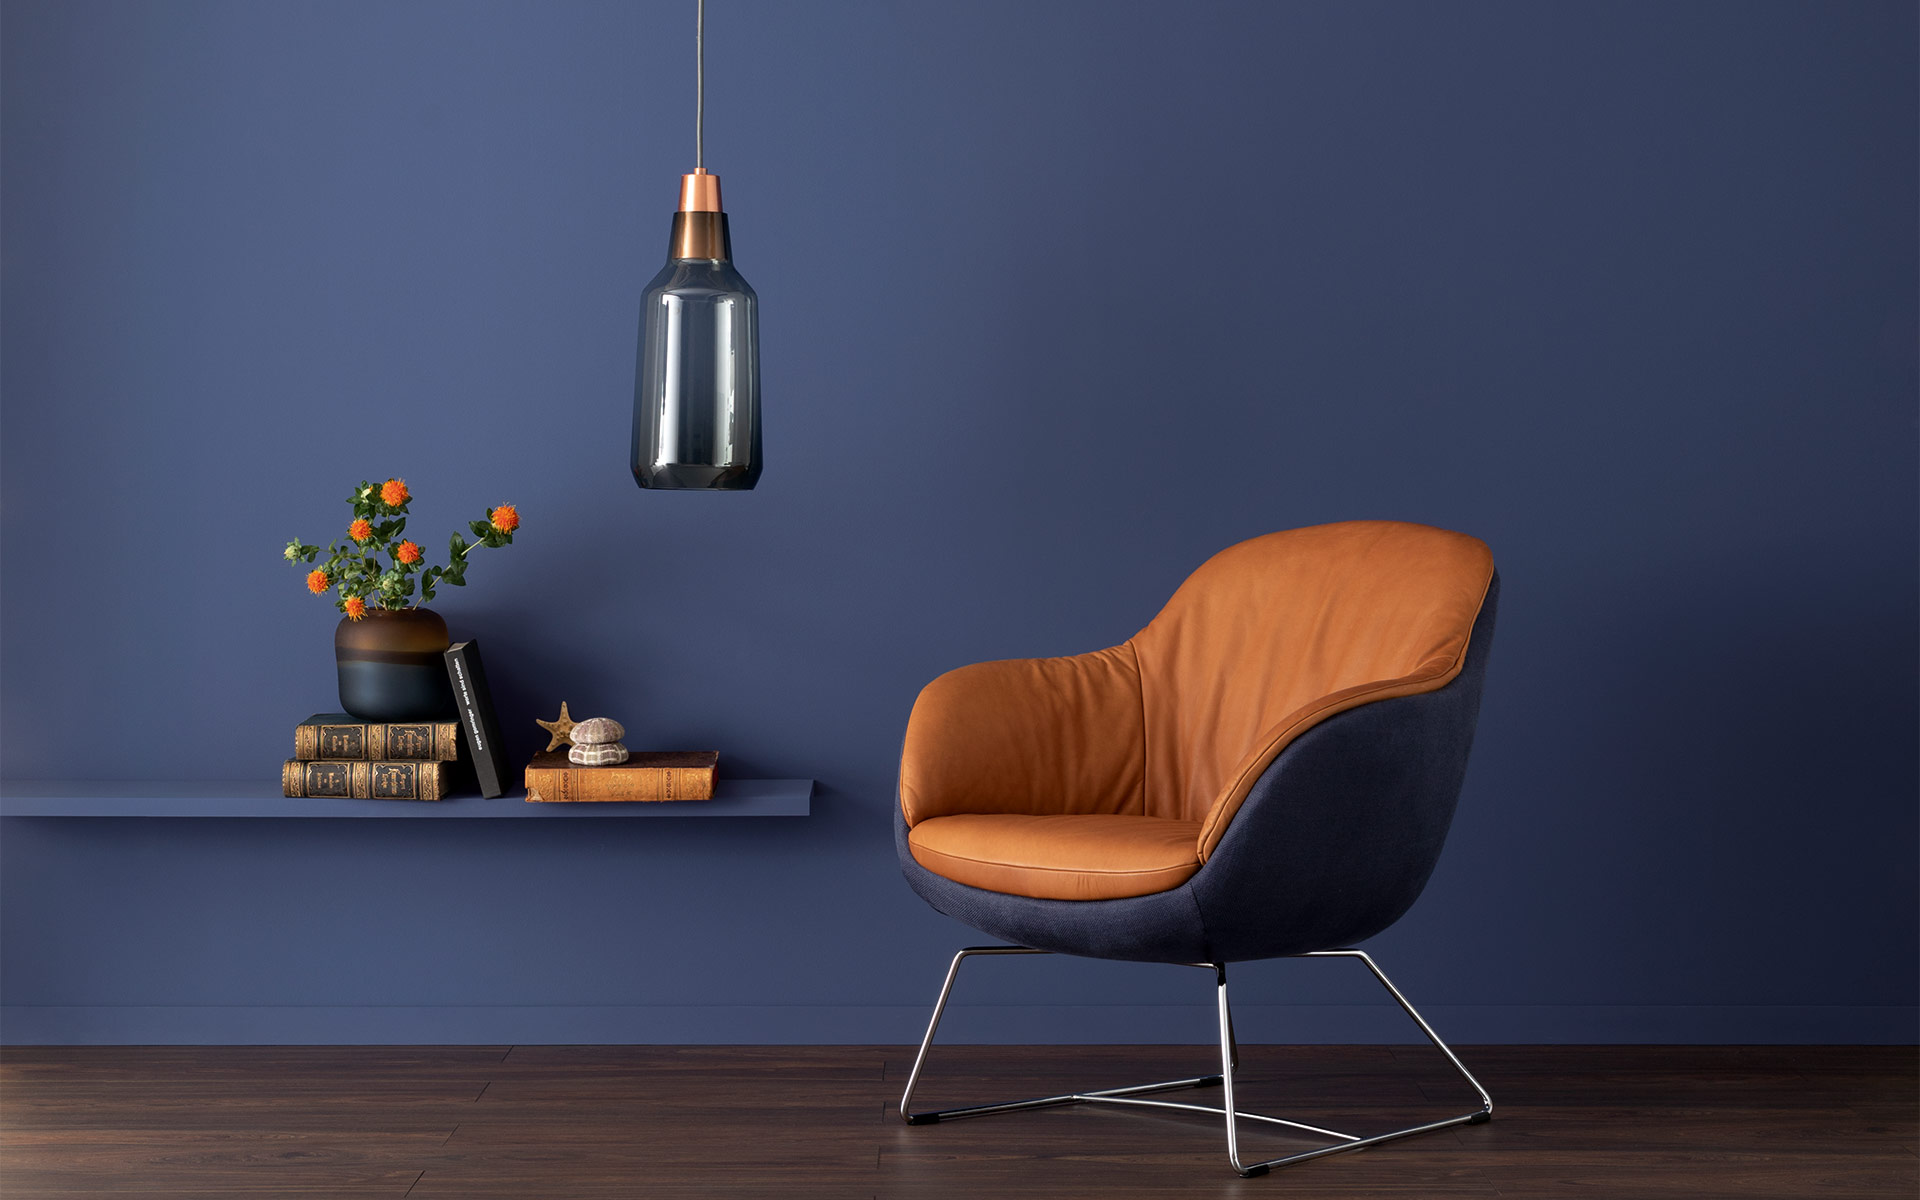 Blautone Schoner Wohnen Farbe